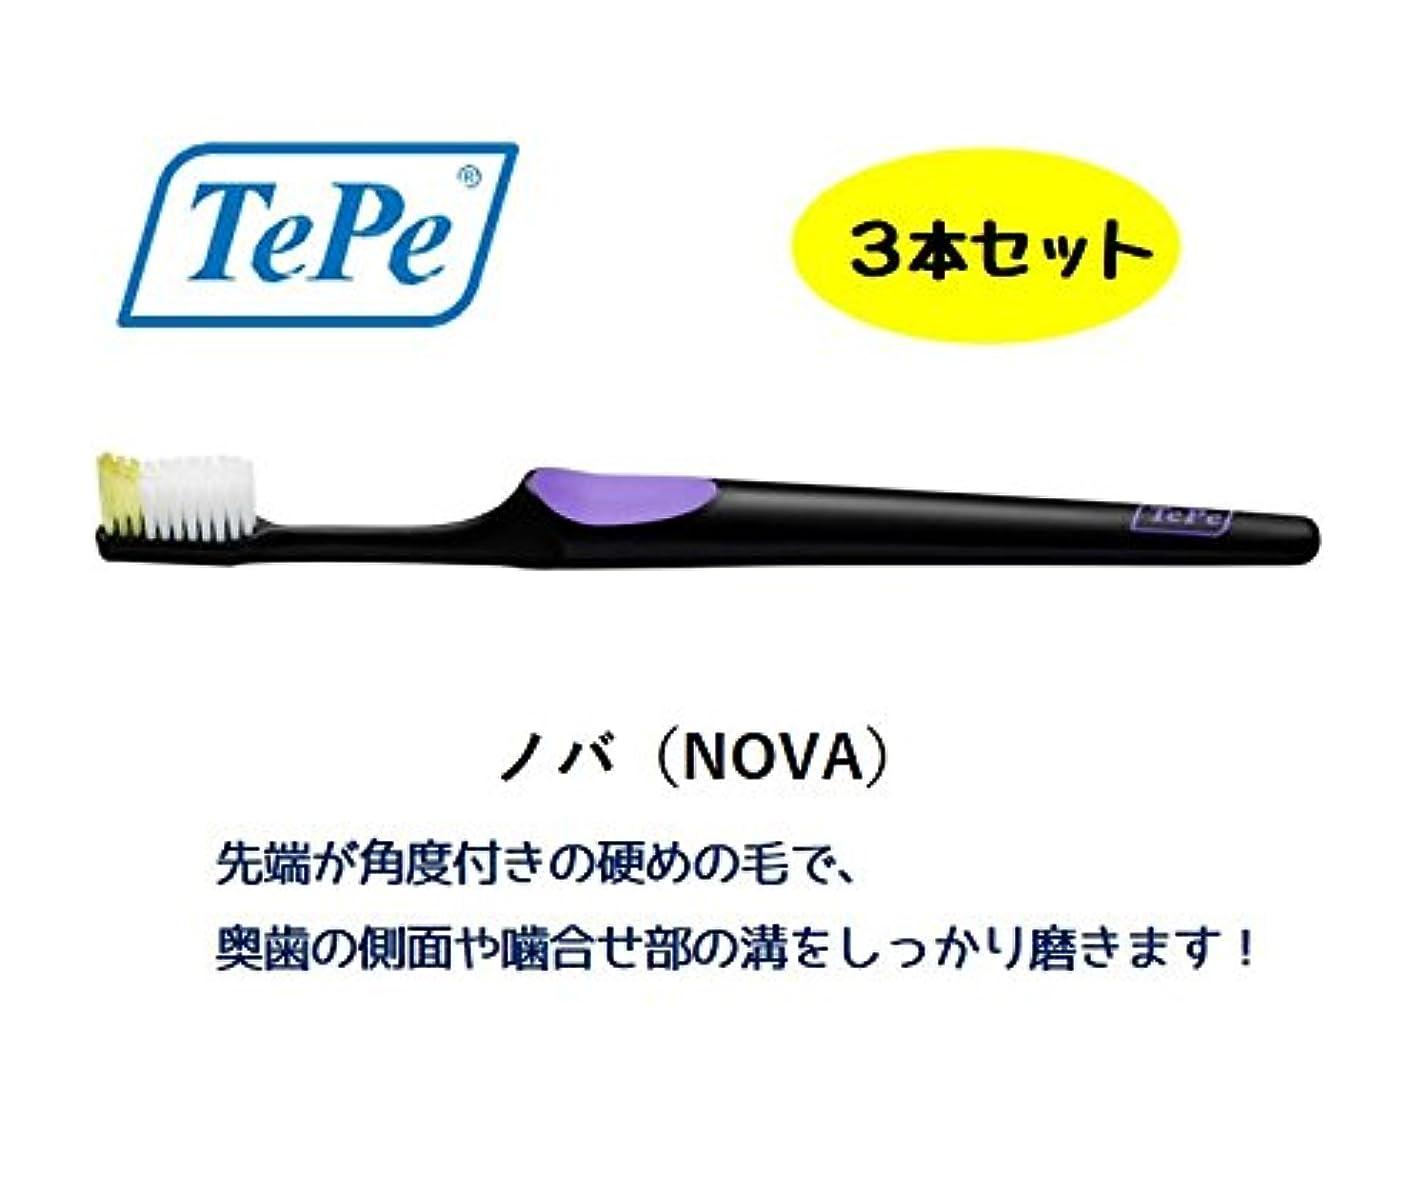 ジレンマ受け入れた岩テペ ノバ ブリスター 3本 TePe NOVA (やわらかめ)